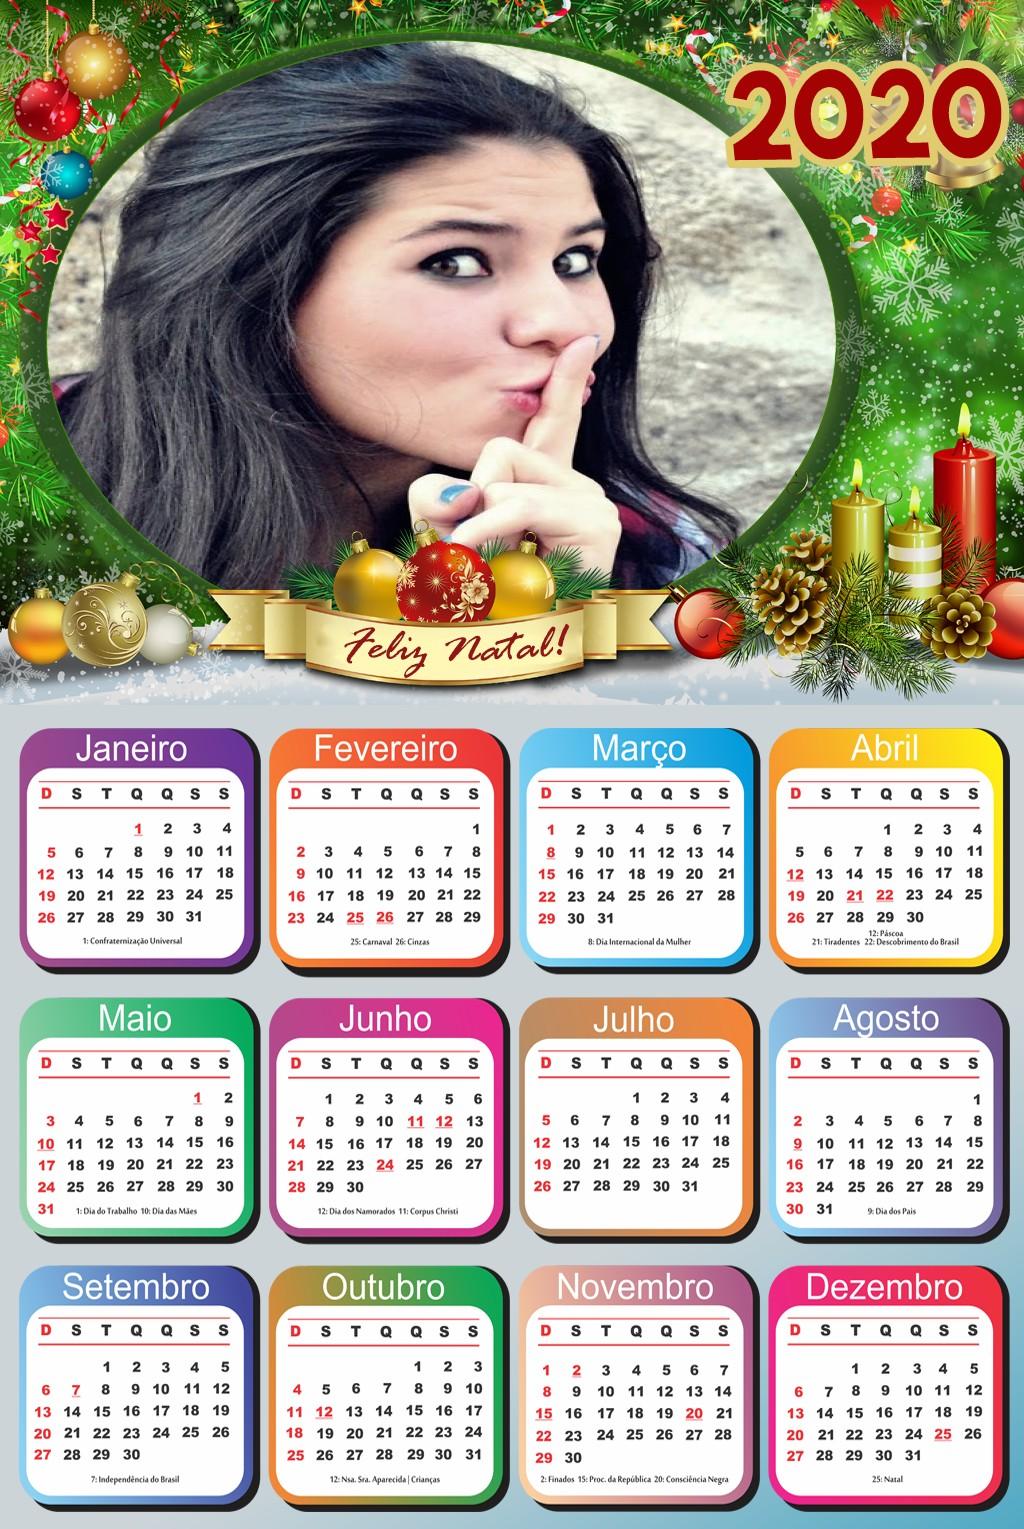 calendario-natalino-2020-gratis